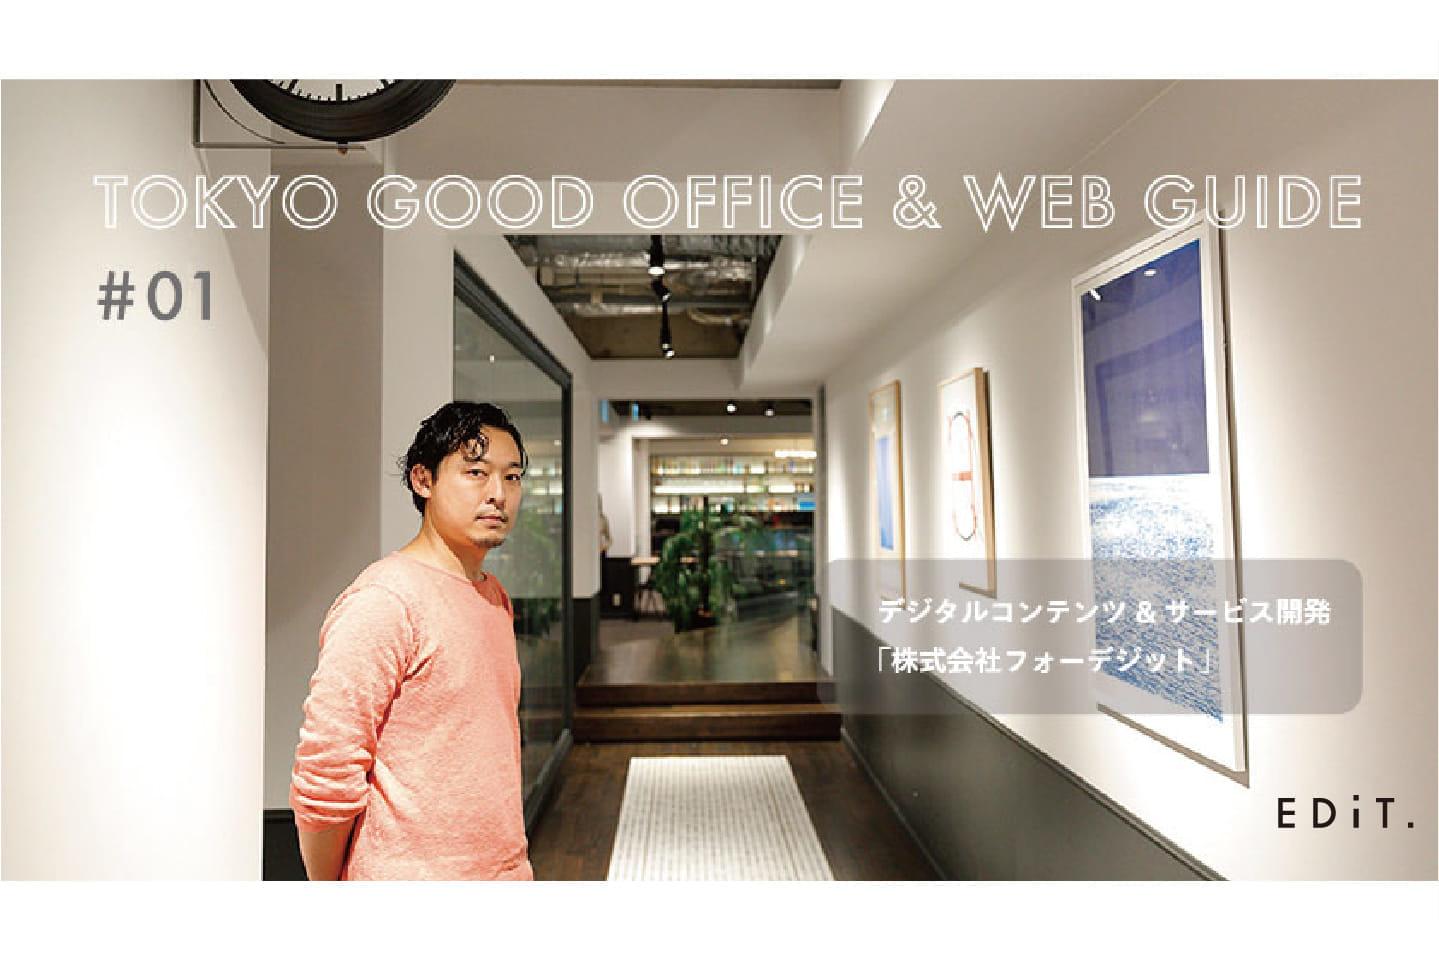 使いやすく働きたくなる、都市に見立てたオフィスデザイン